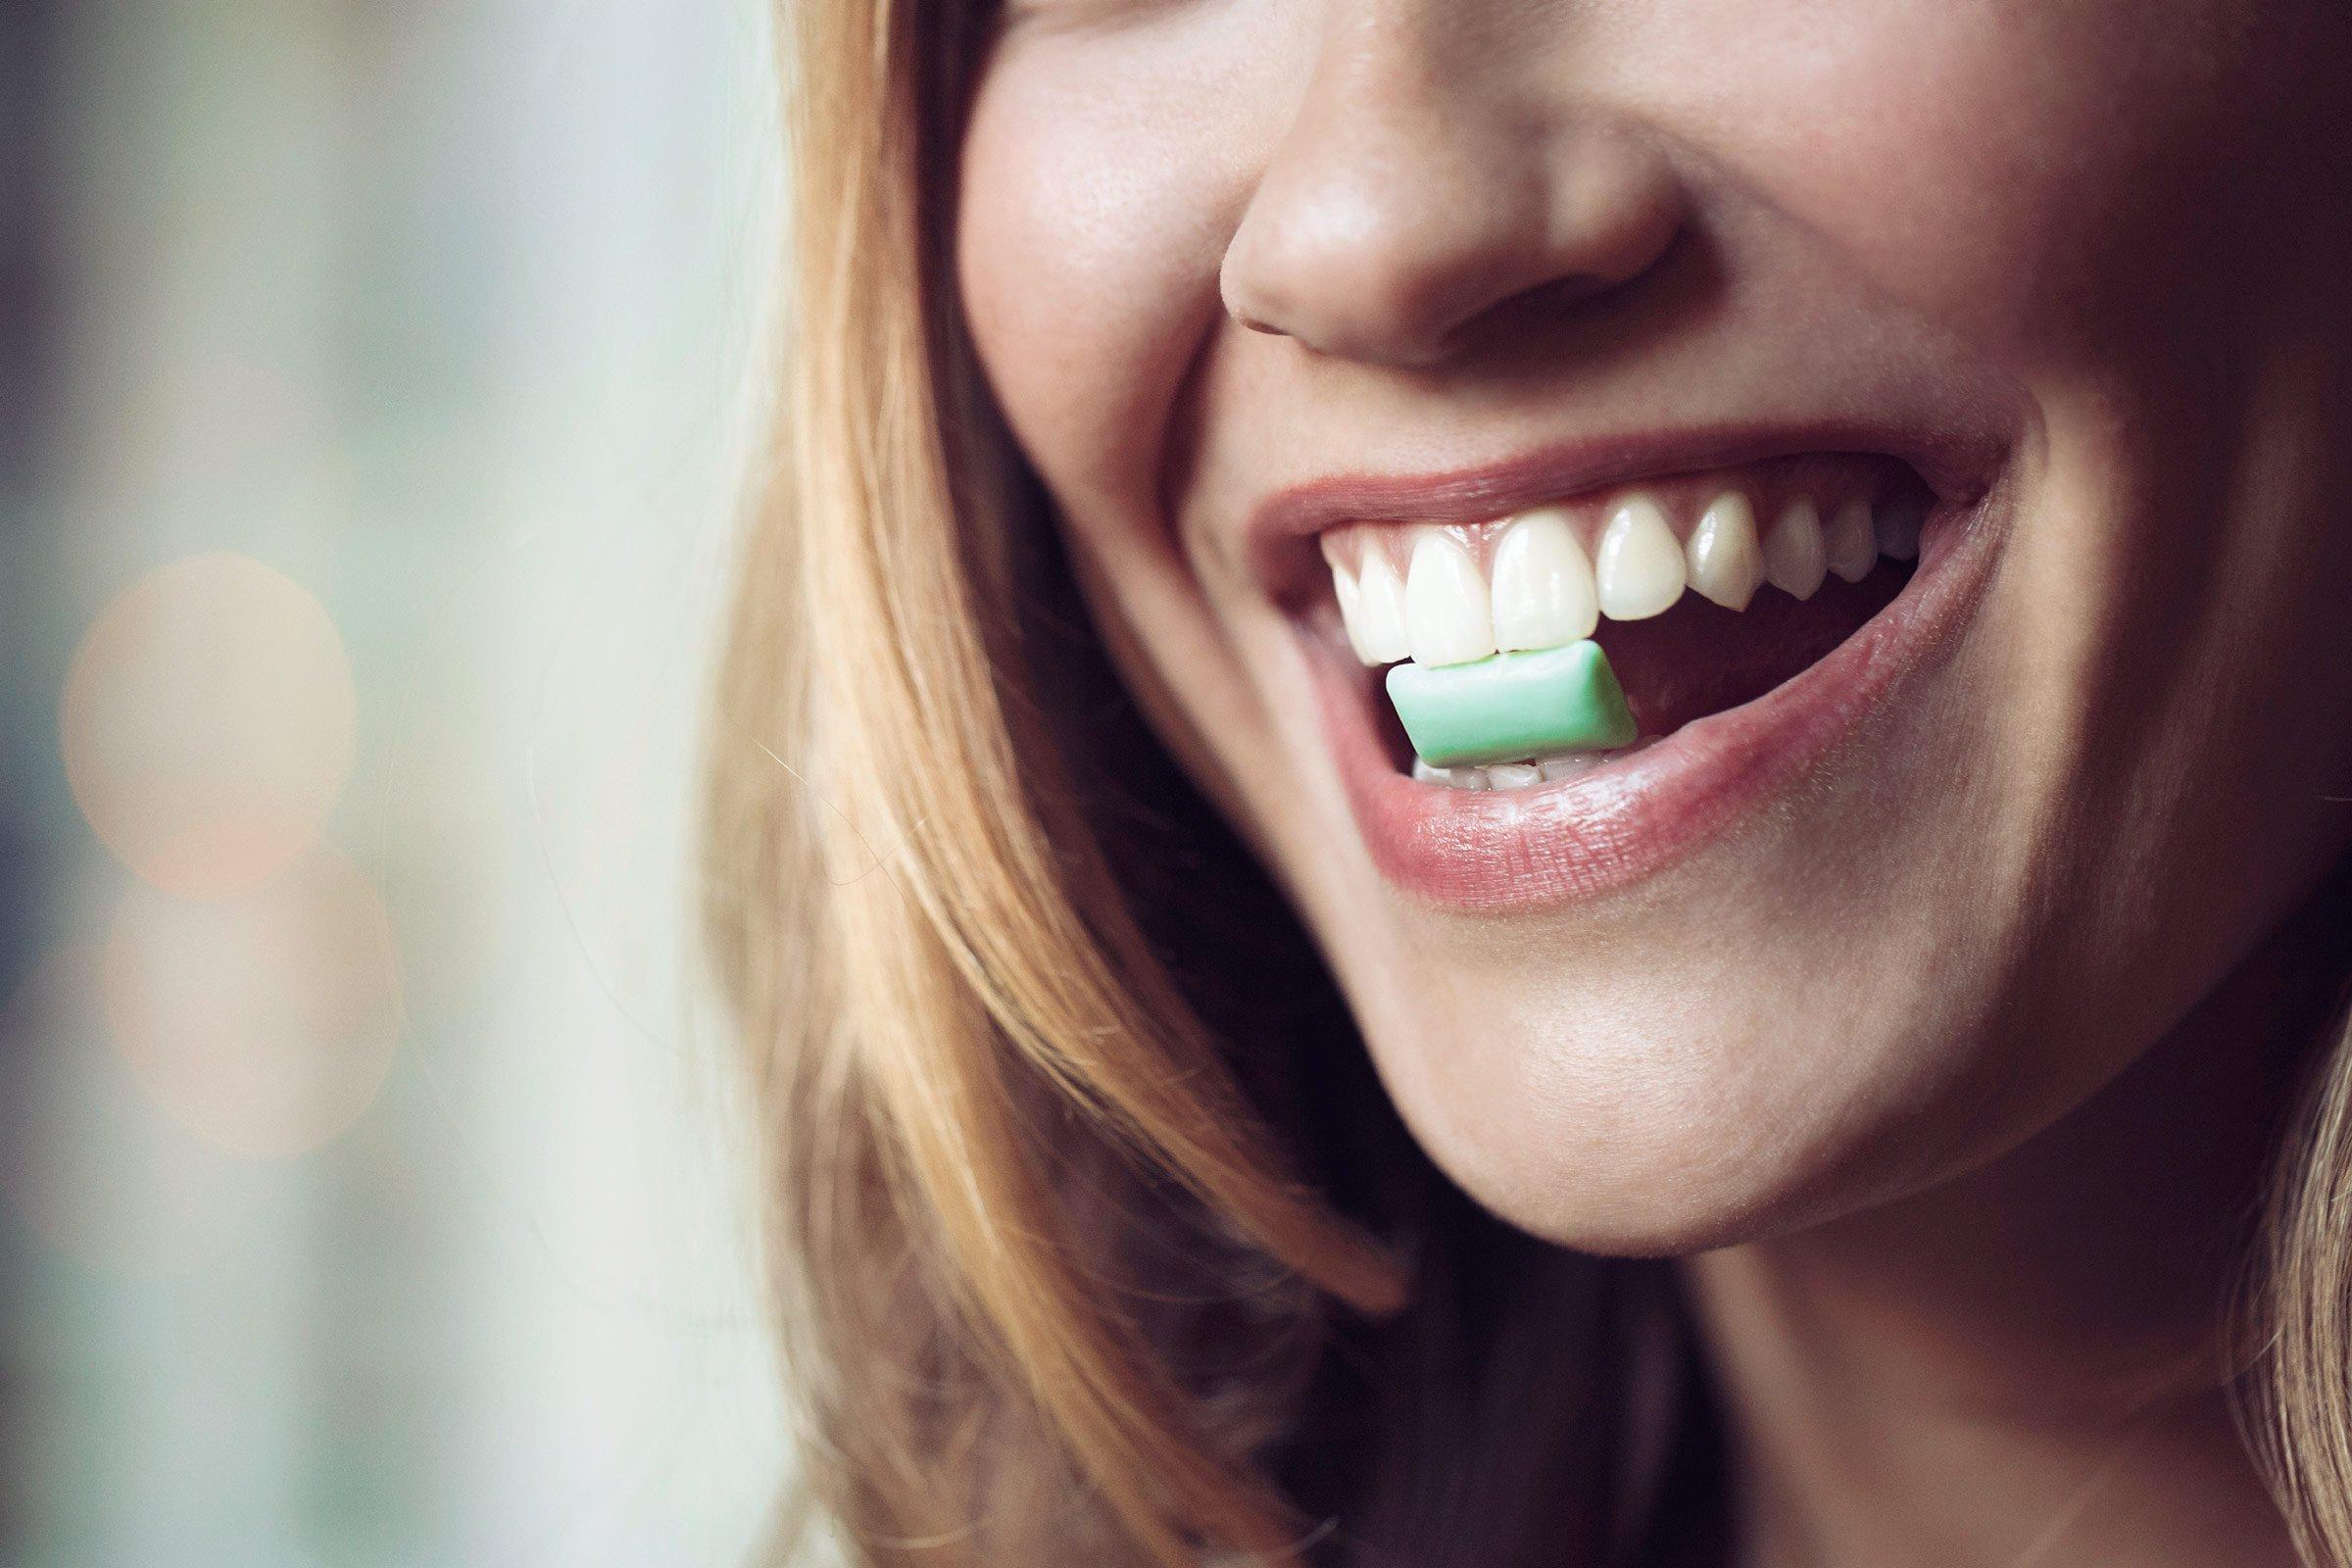 Жевательная резинка как средство гигиены полости  рта